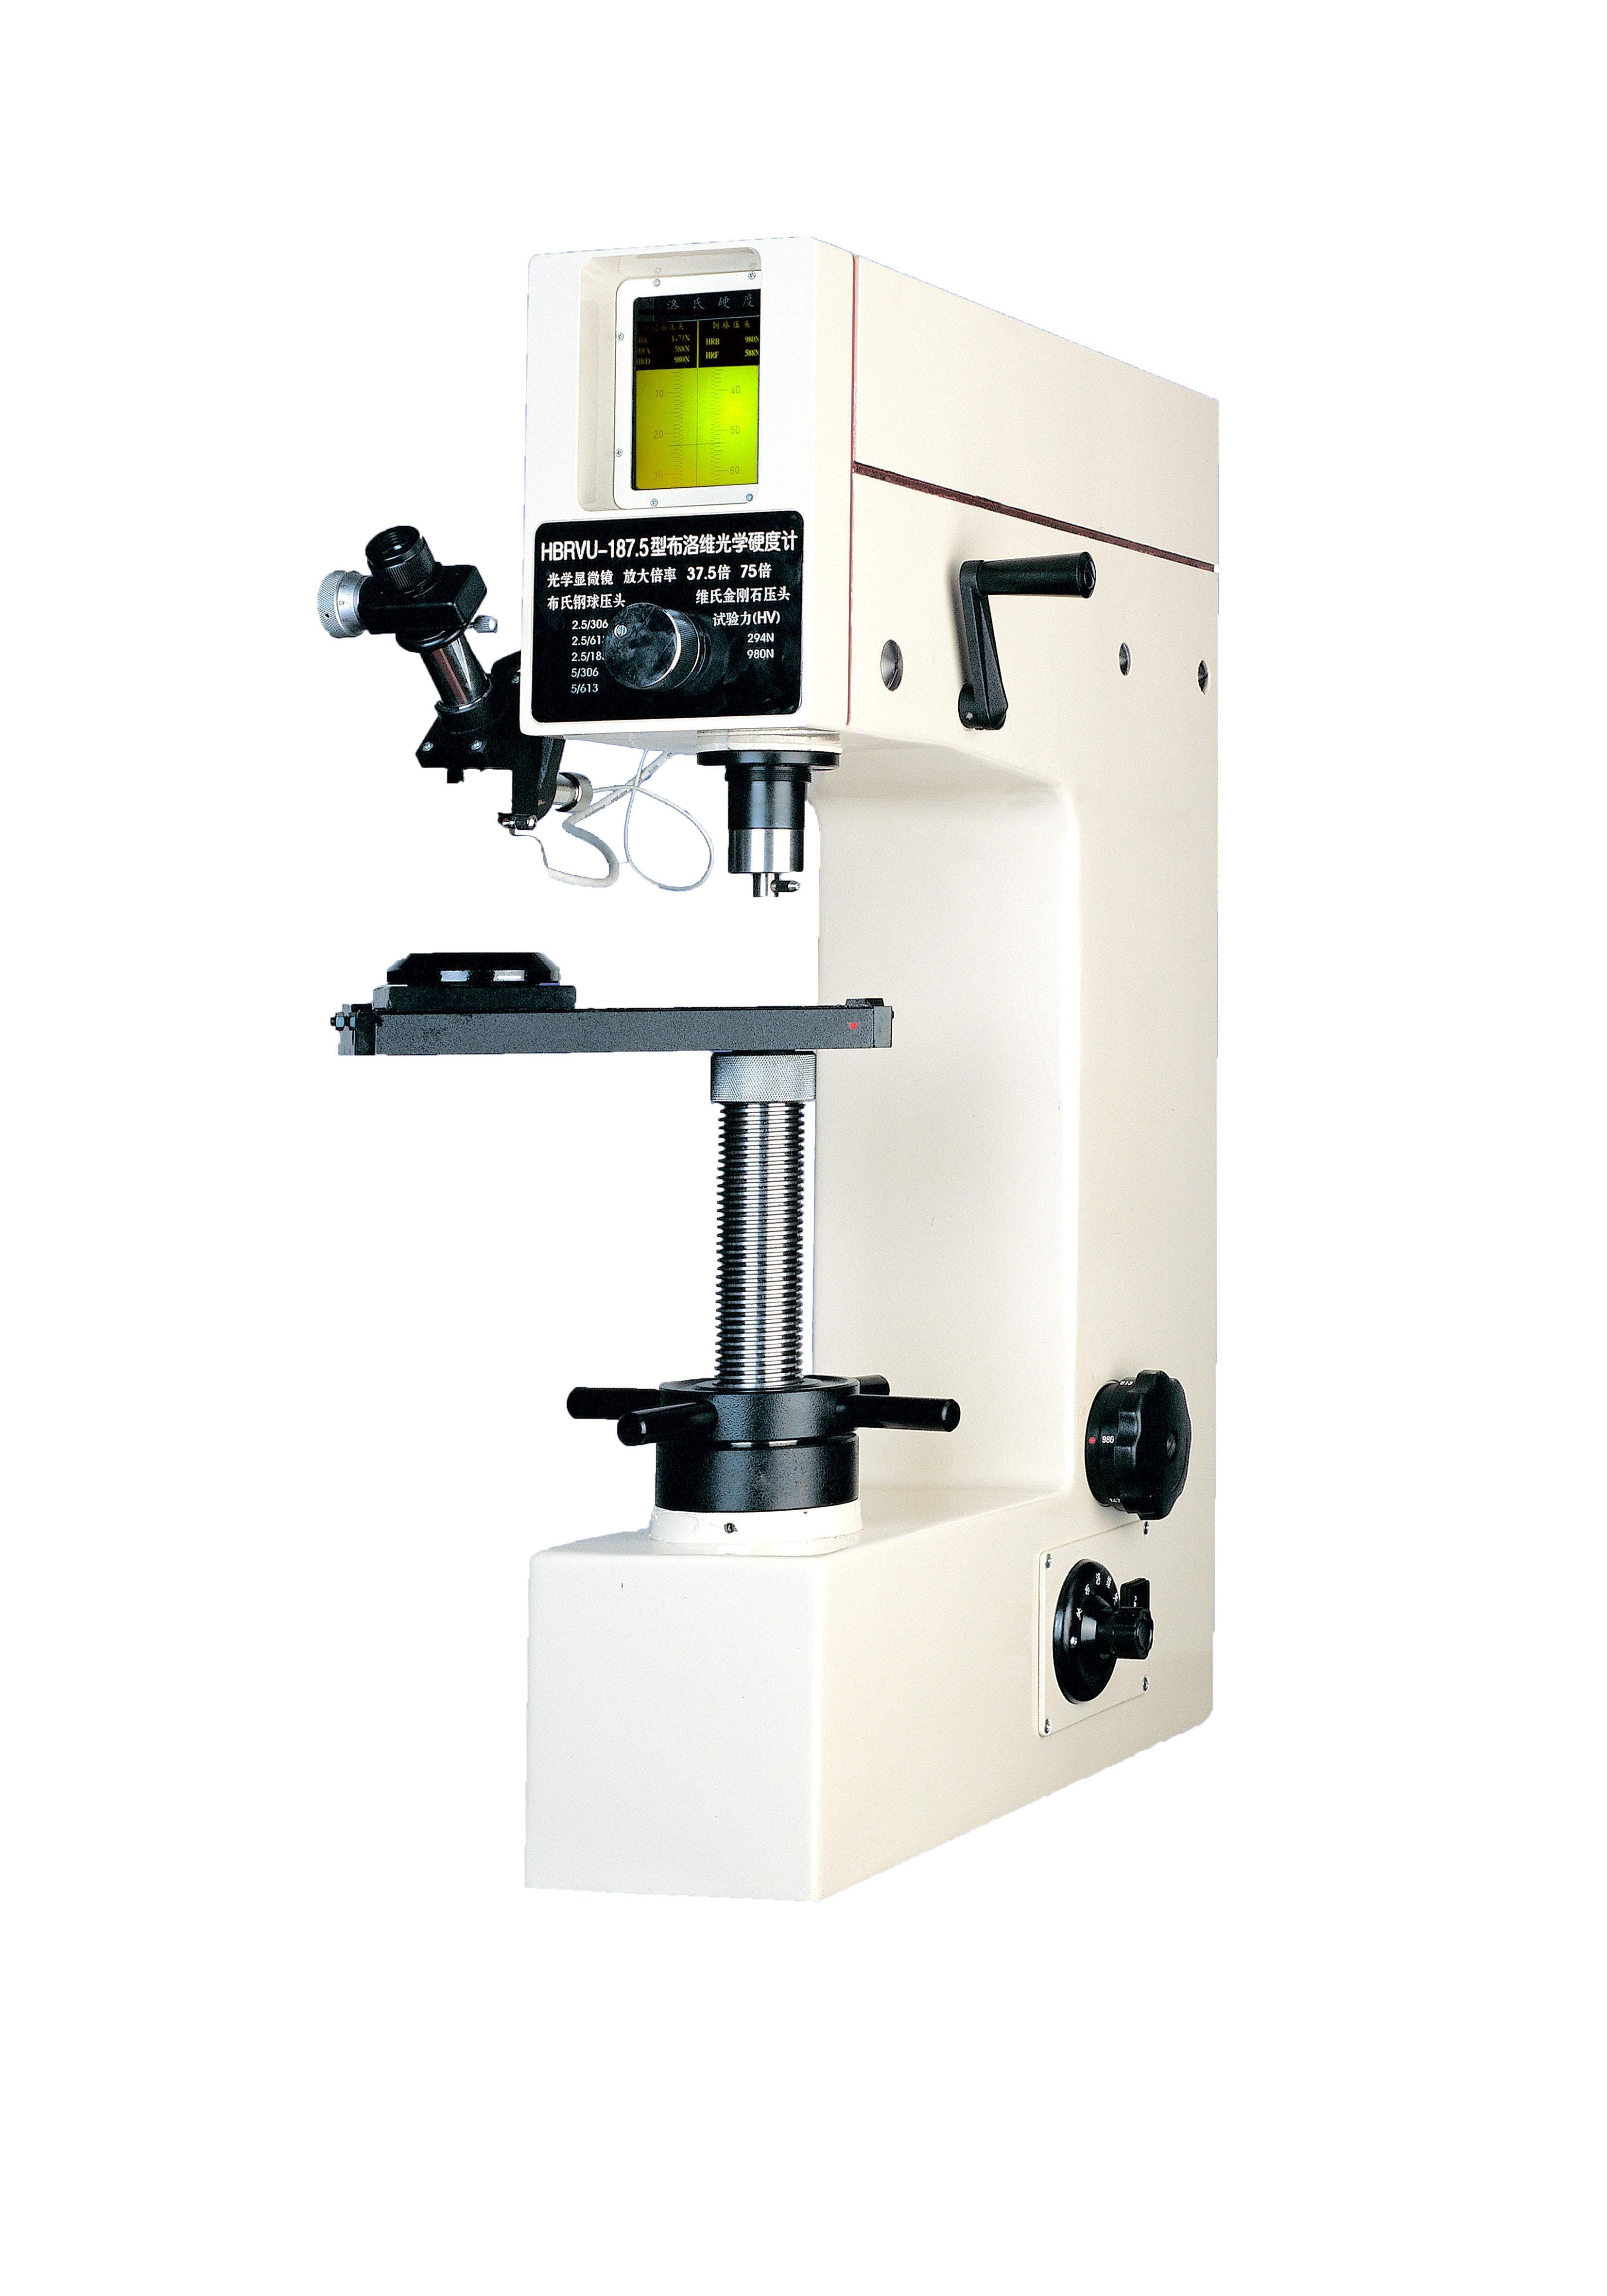 HD9-45光学表面洛氏维氏硬度计参数及图片